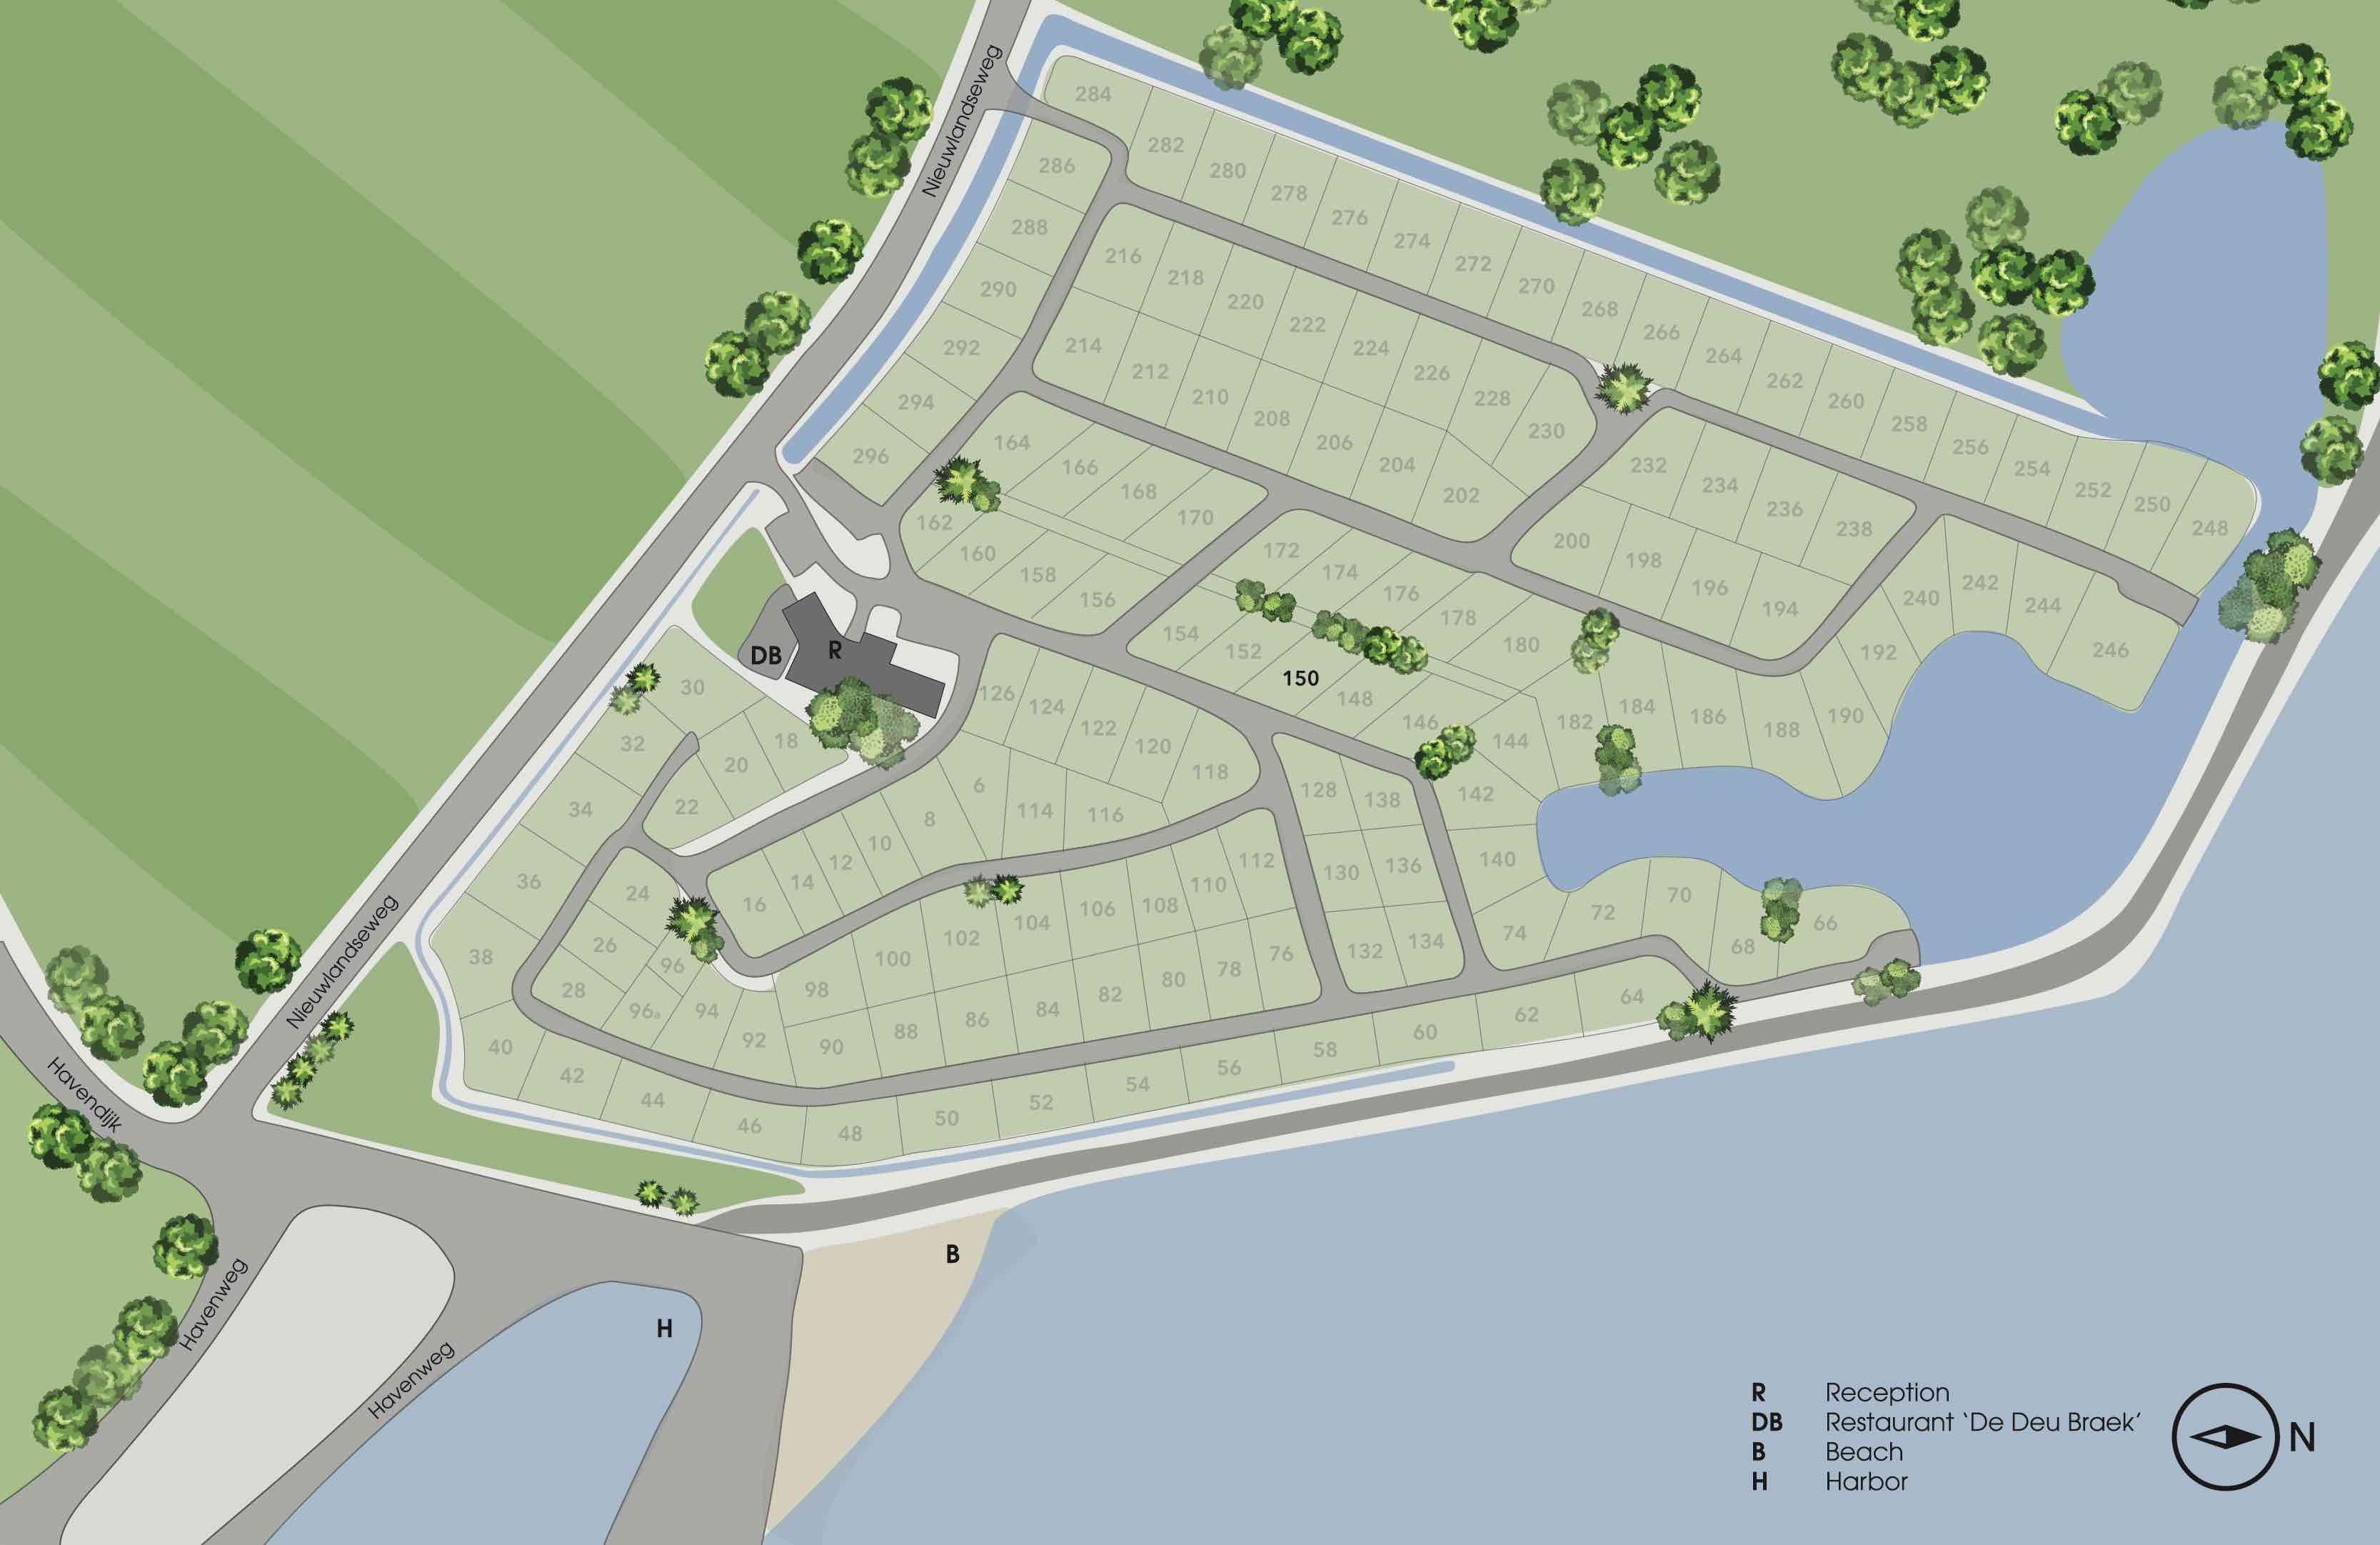 Zeeland Map - V2 - Huis 150